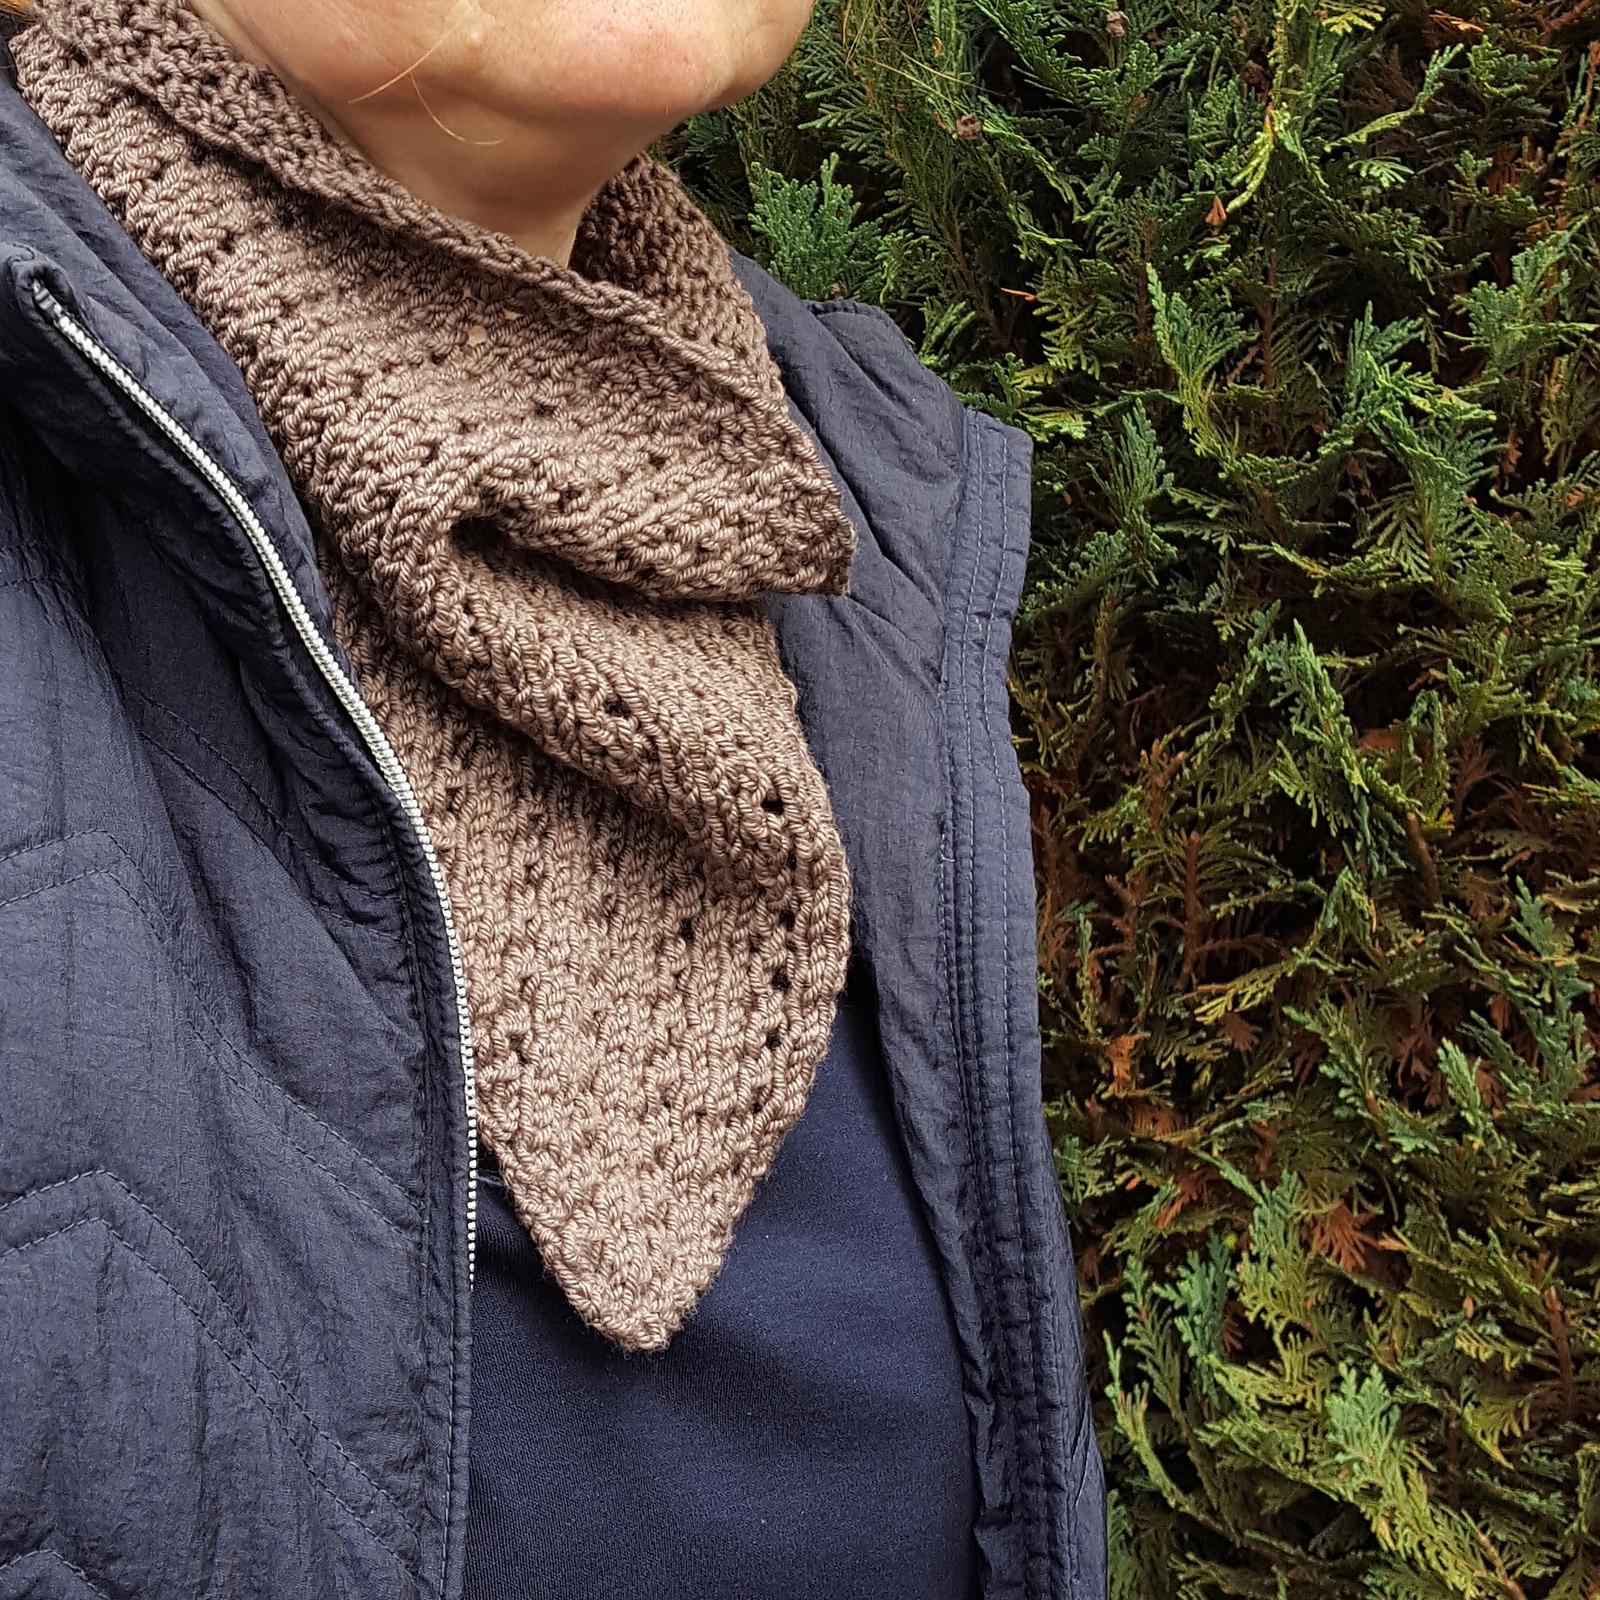 knitted bandana cowl  pattern using DK weight yarn.